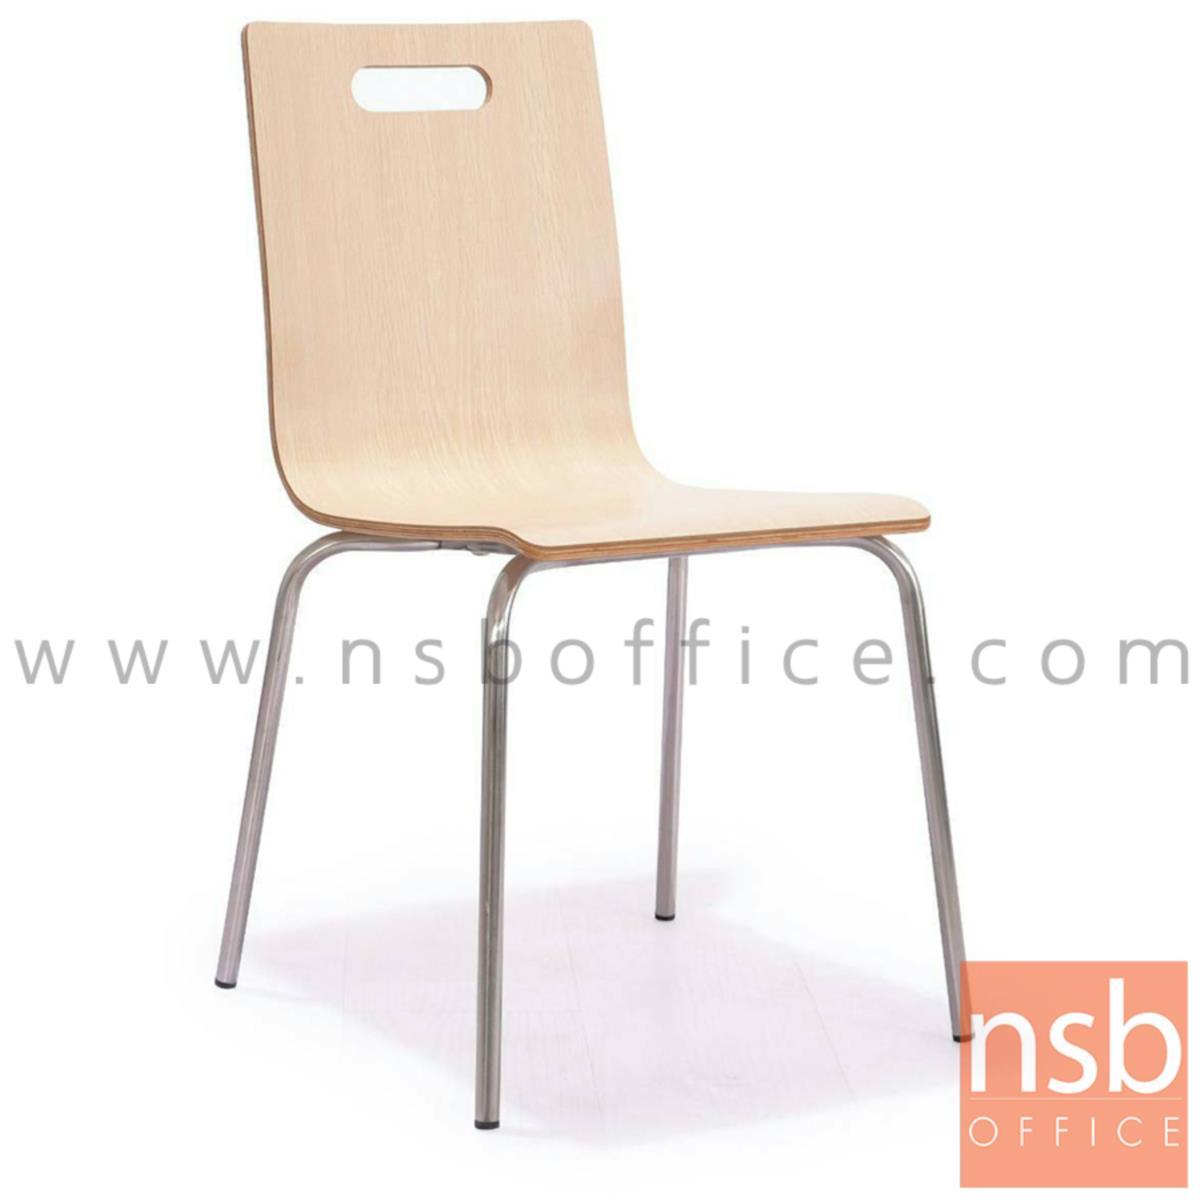 B20A108:เก้าอี้อเนกประสงค์ไม้ดัด  รุ่น Miami (ไมอามี่)  ขาสแตนเลส